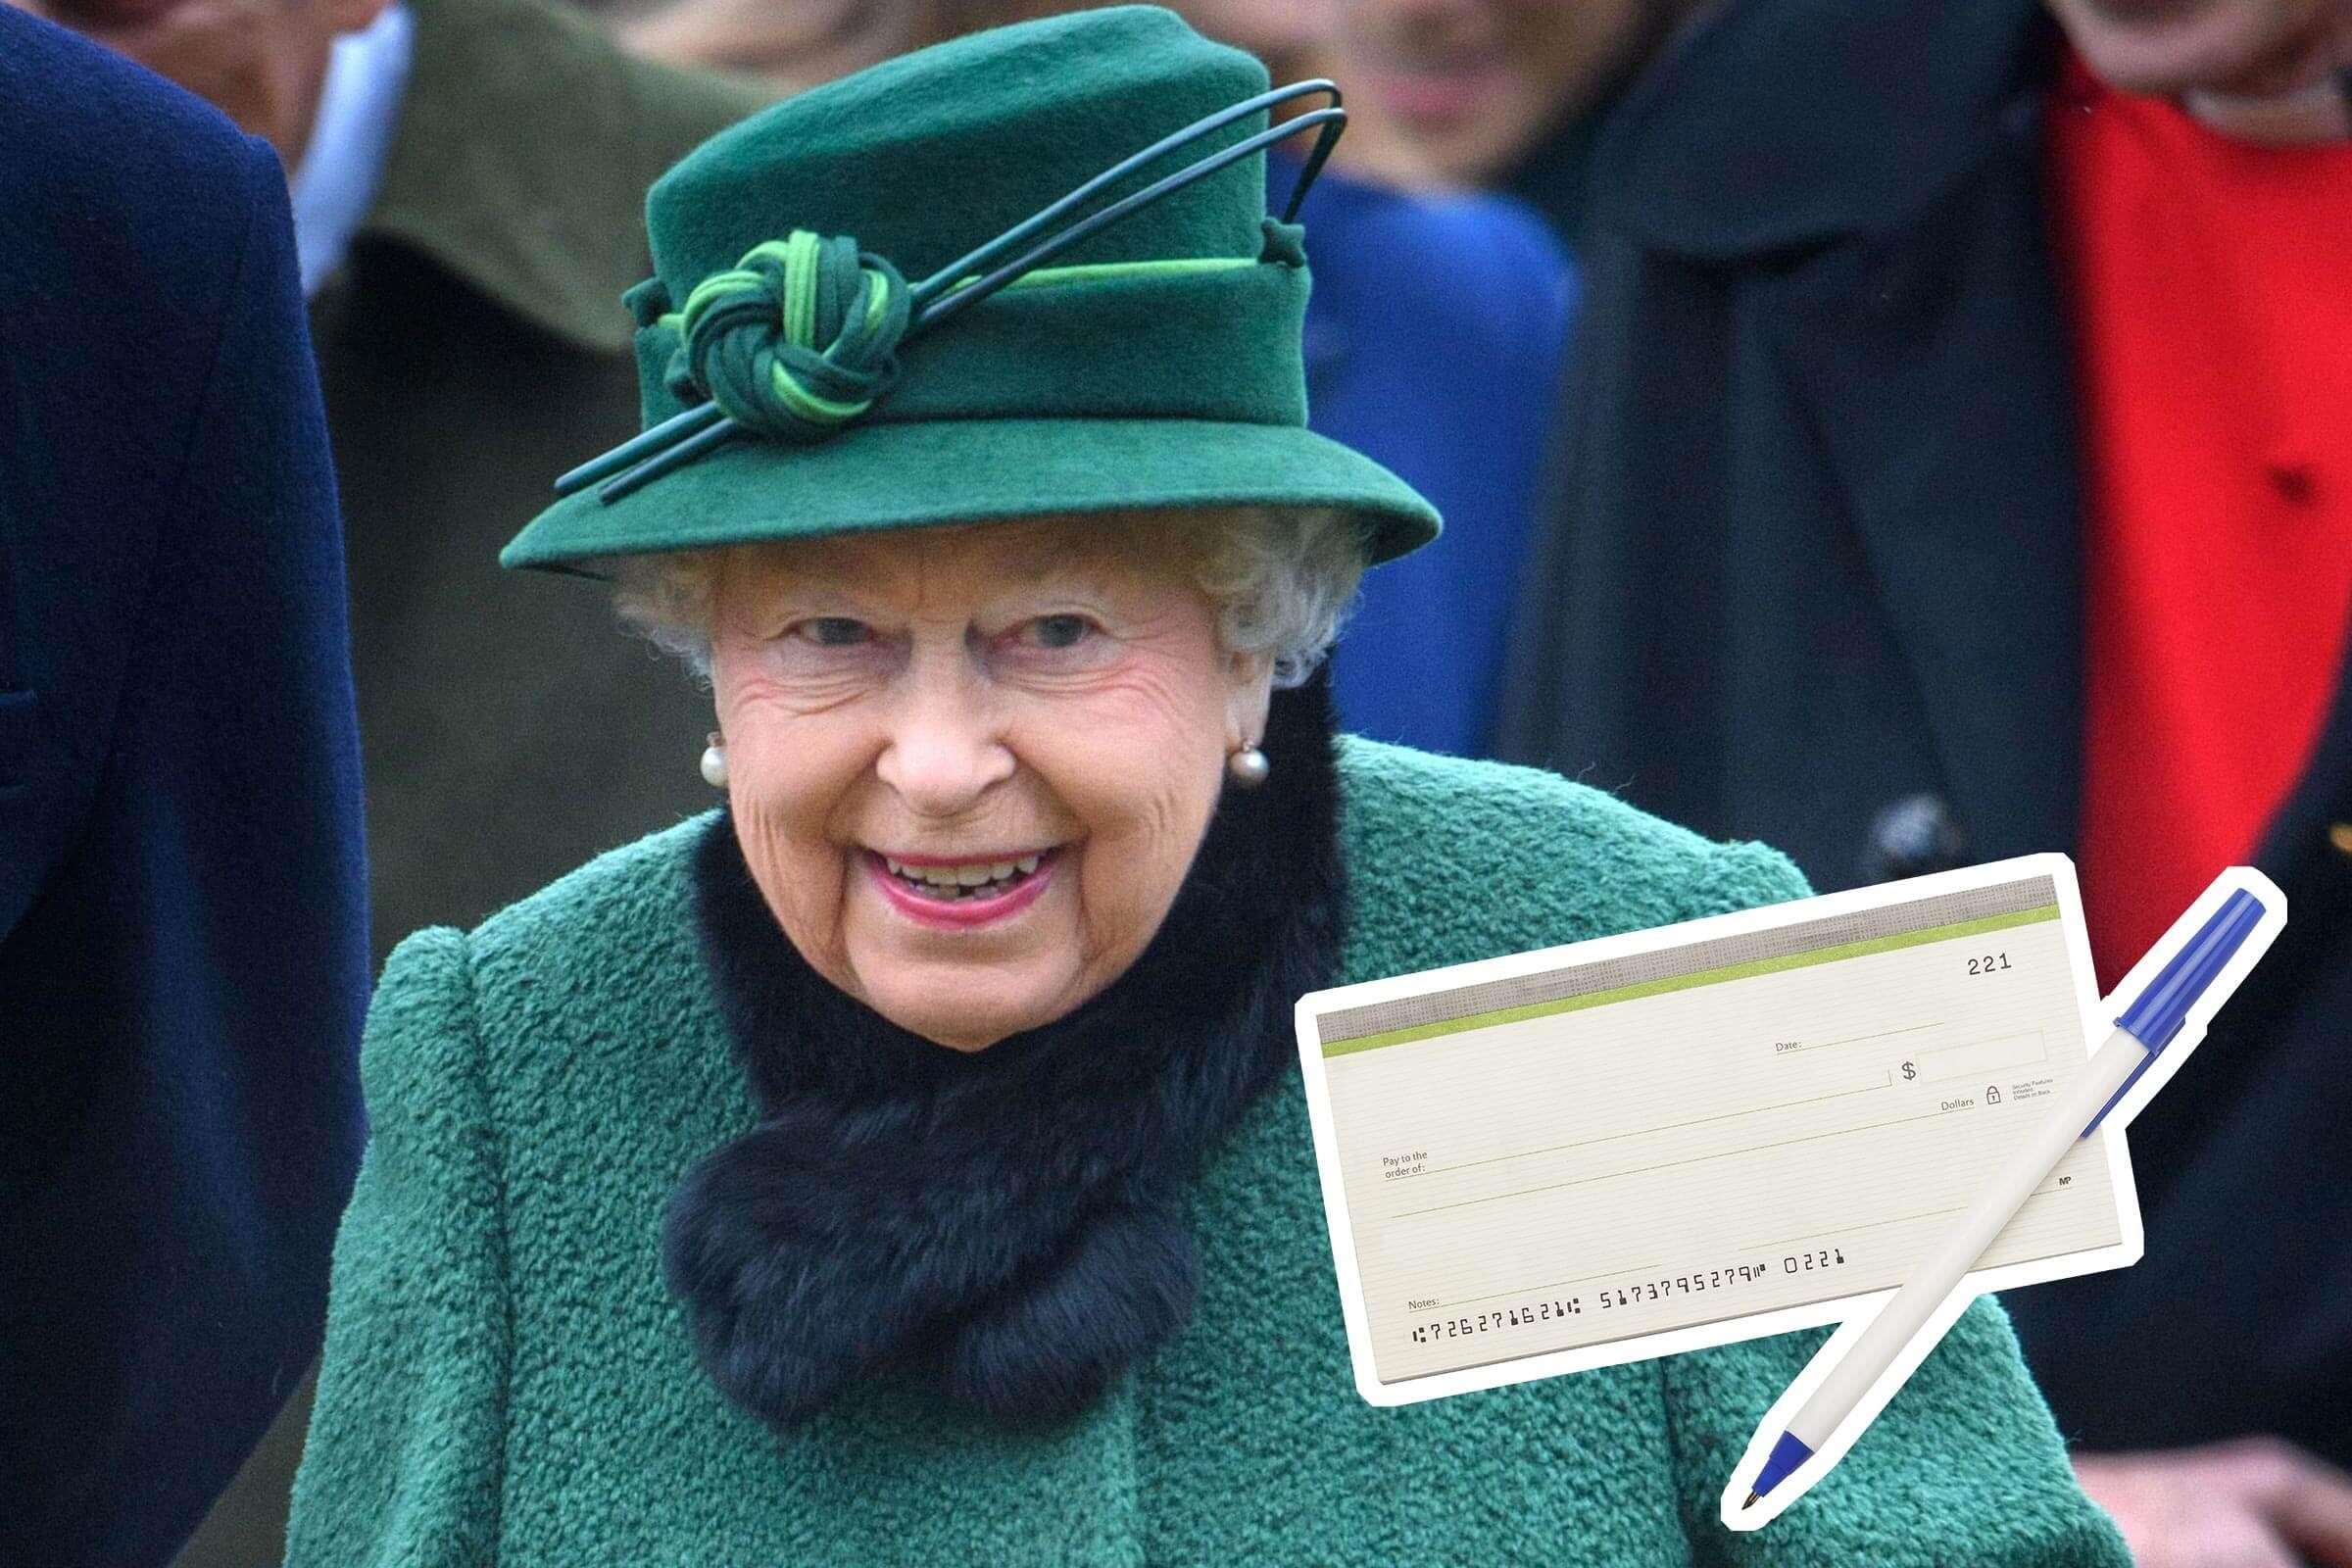 Елизавета II: почему королева Великобритании никогда не подписывает чеки своей рукой!